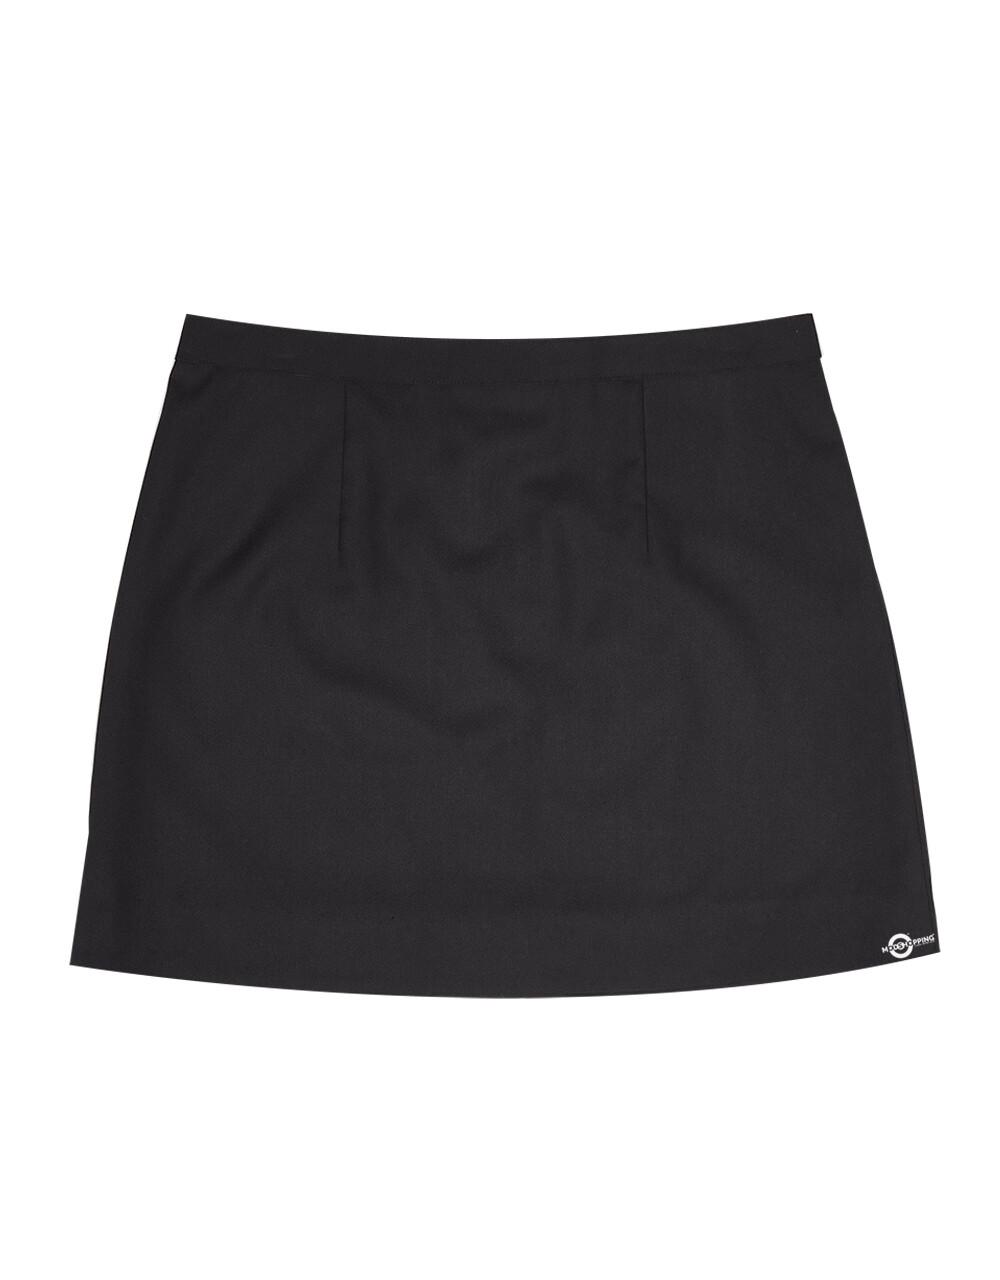 Classic Black Plain Skirt for women.